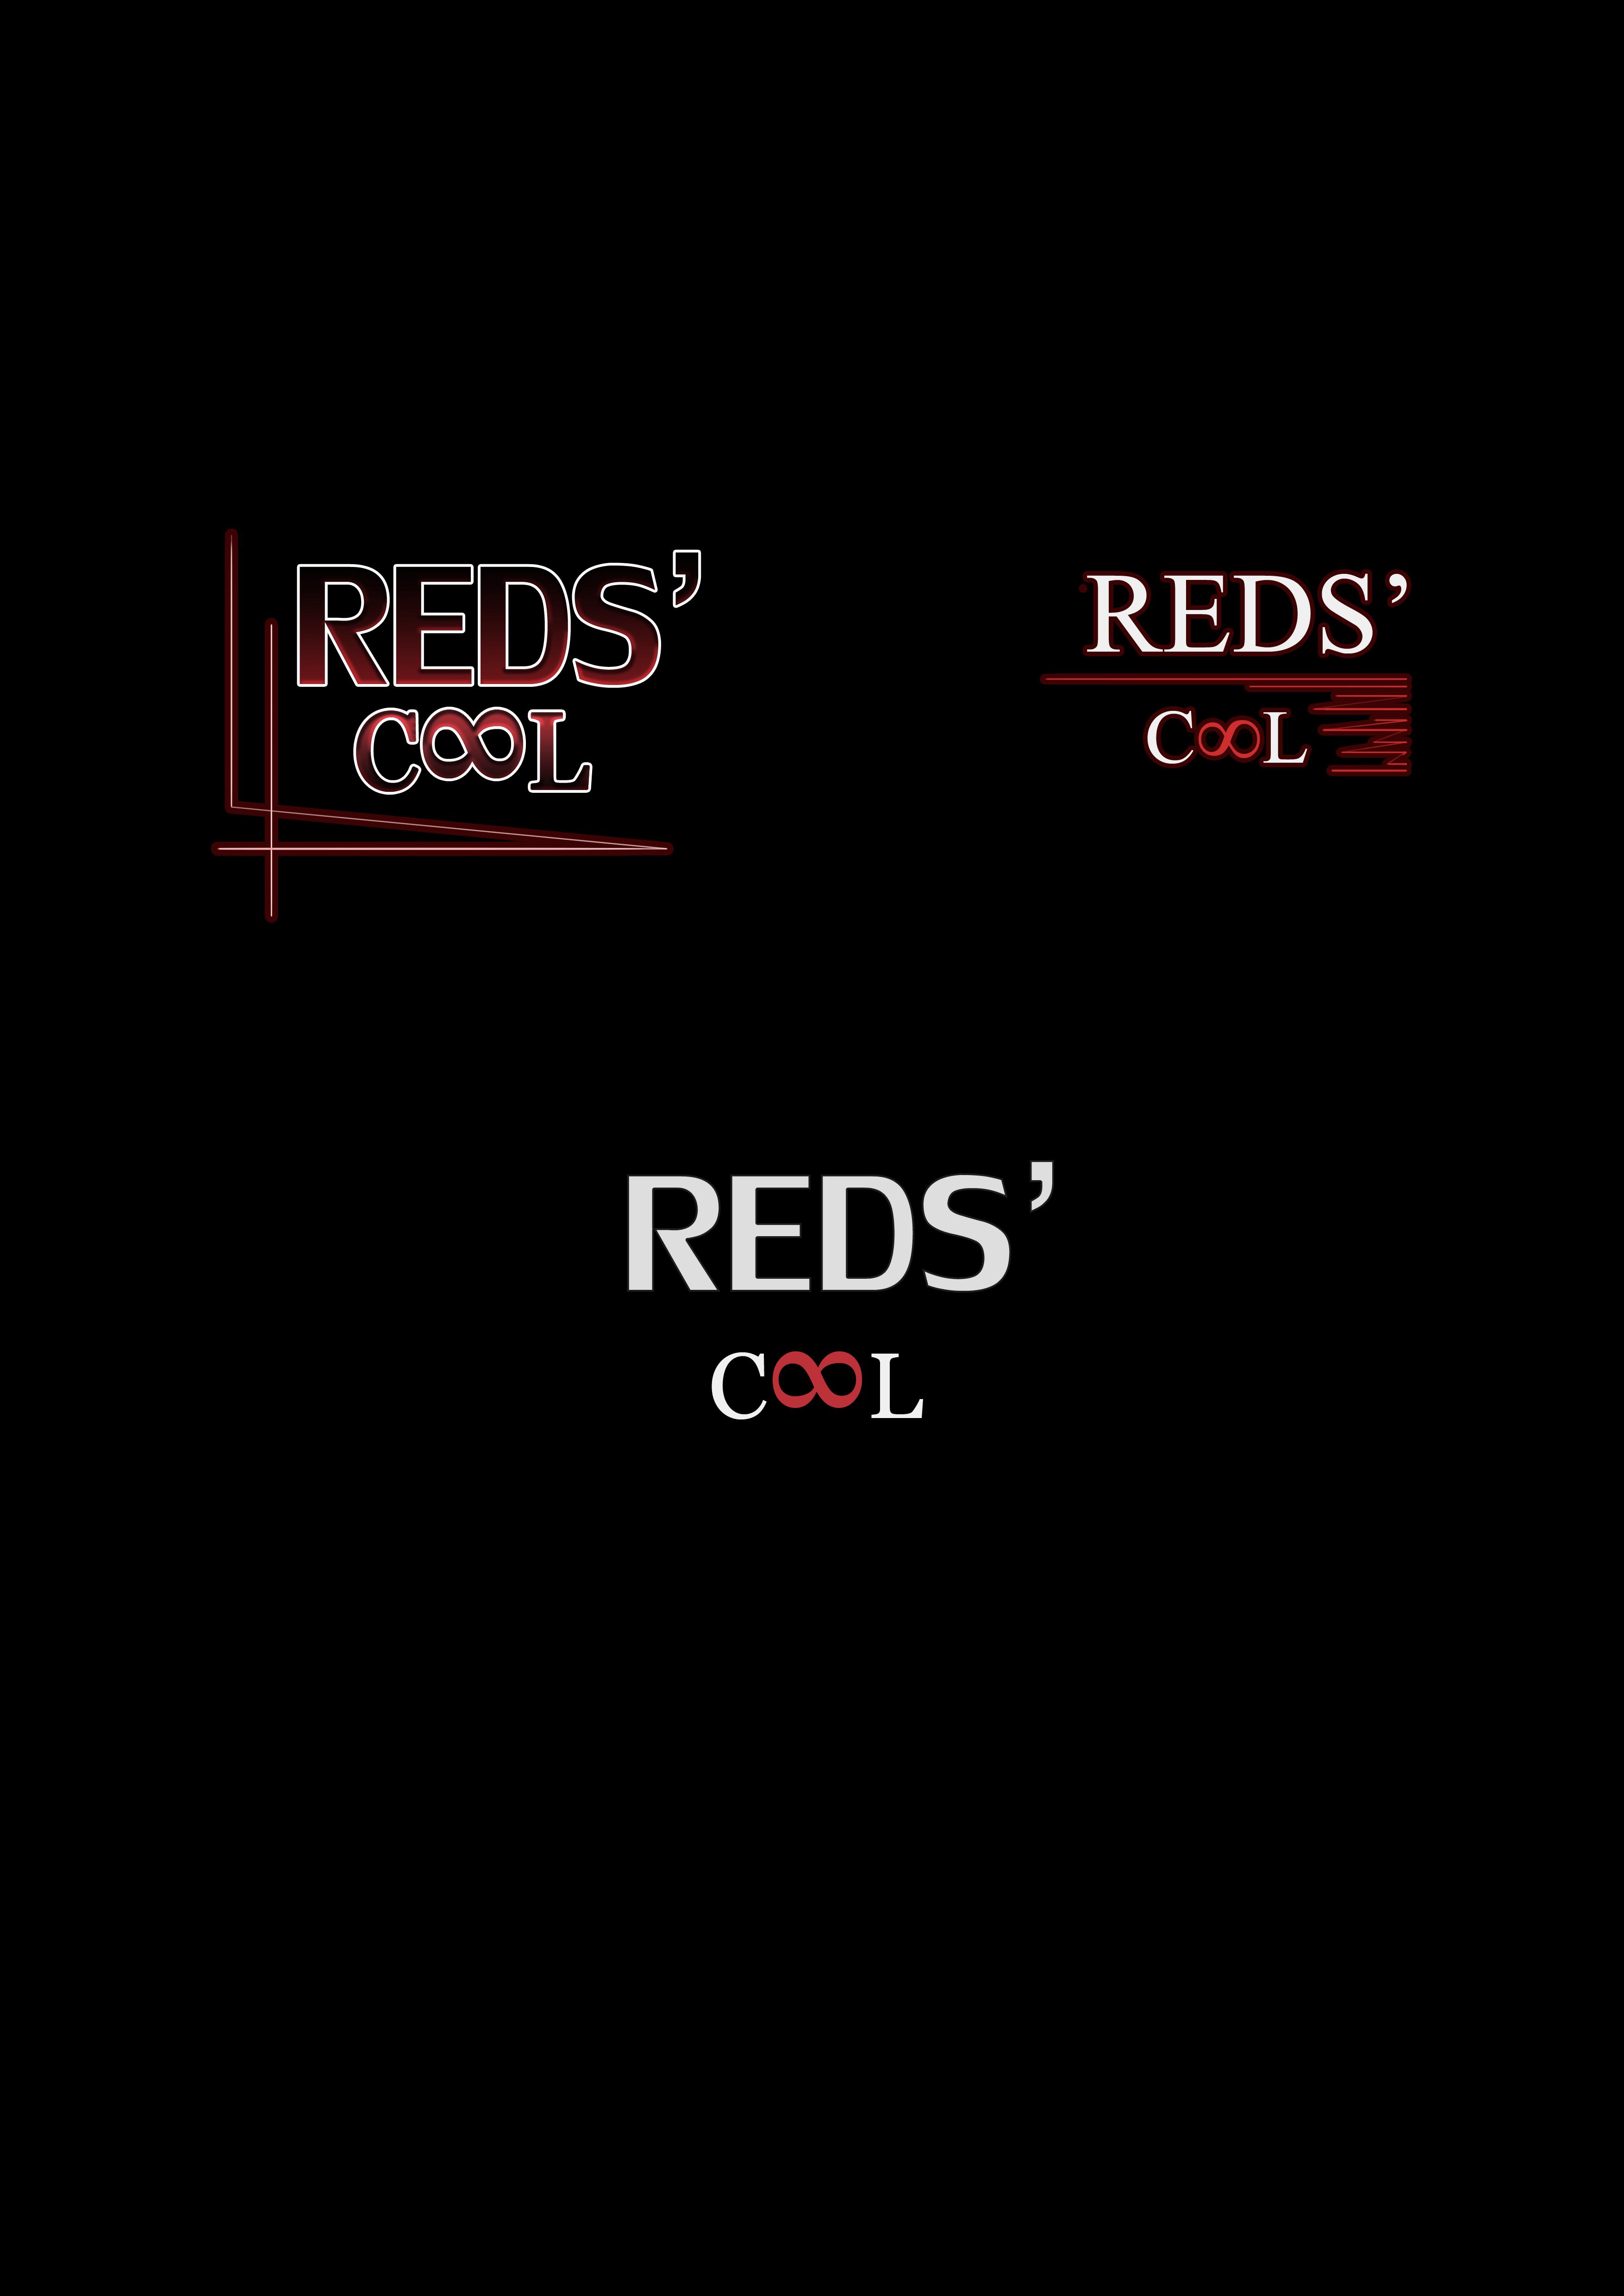 Логотип для музыкальной группы фото f_2235a4df7dd020bb.jpg